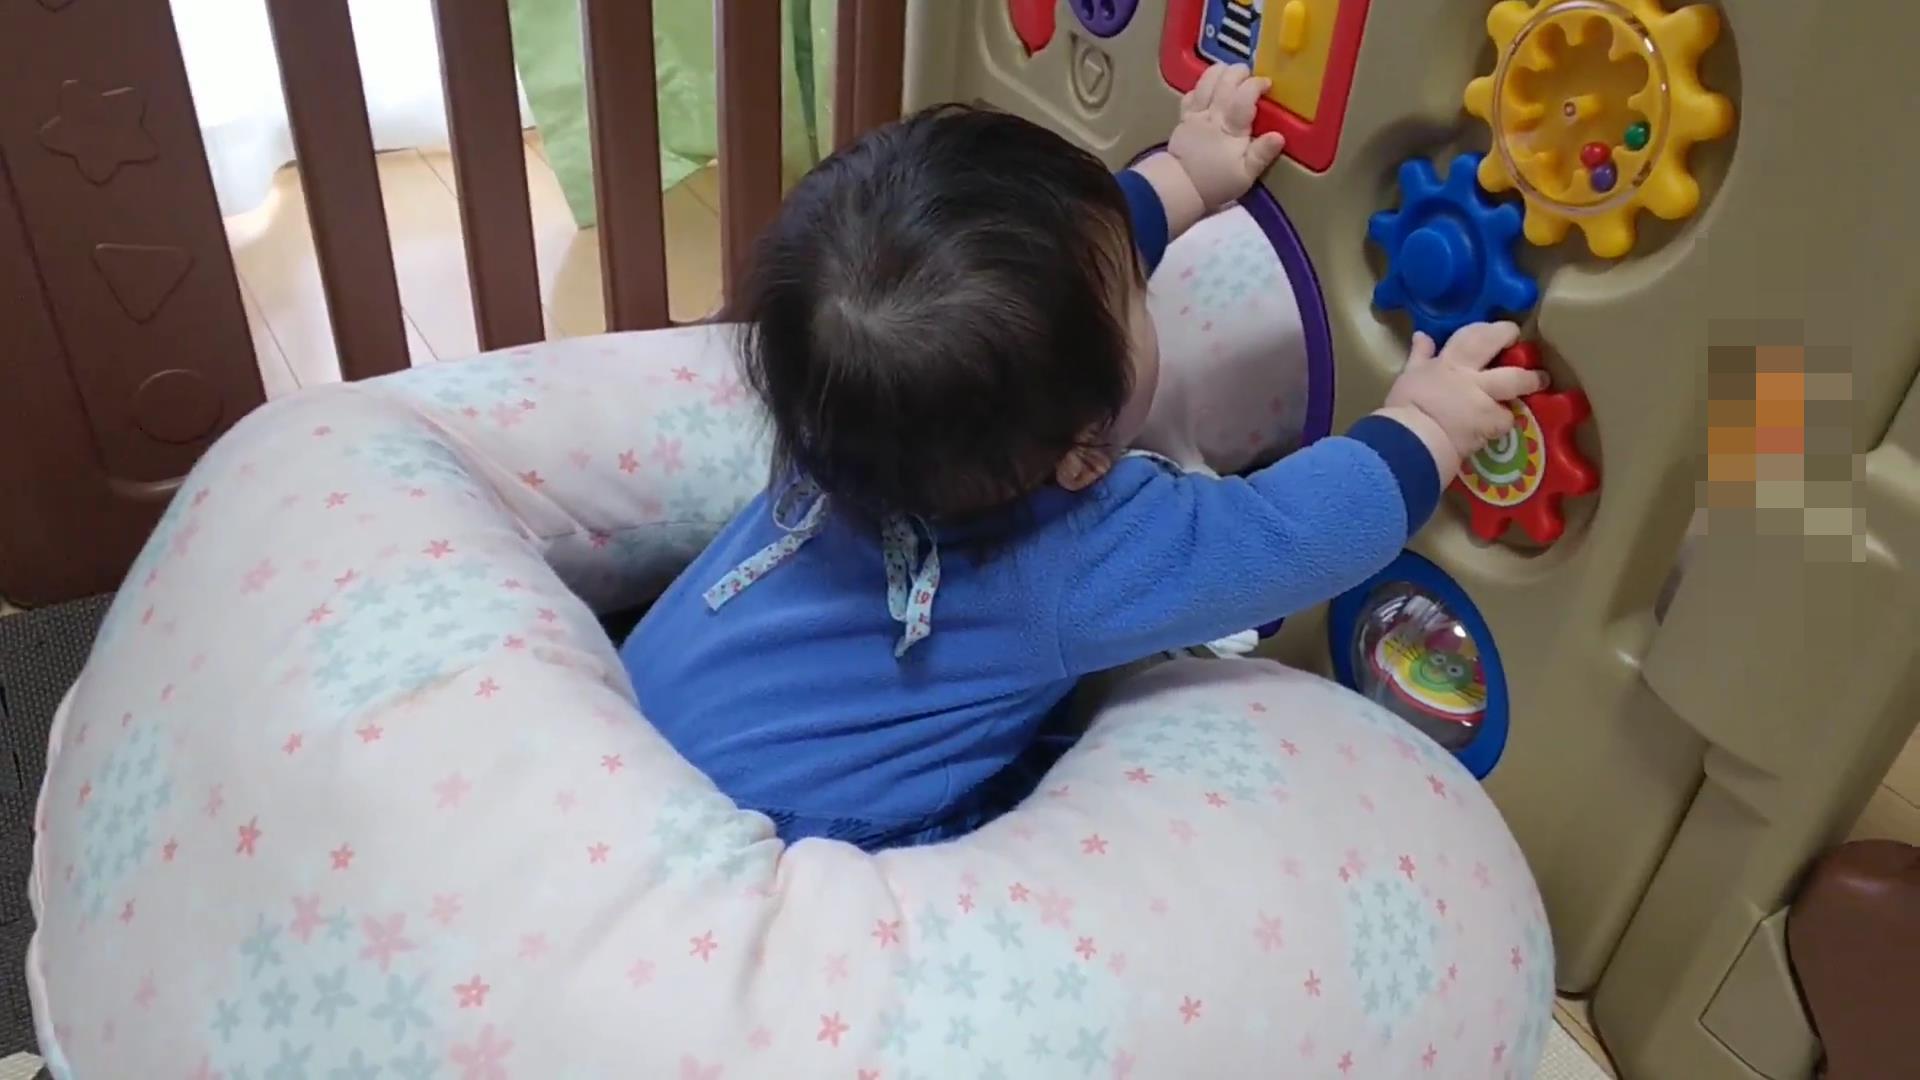 たまひよの授乳クッションをお座りした状態で被せると安全